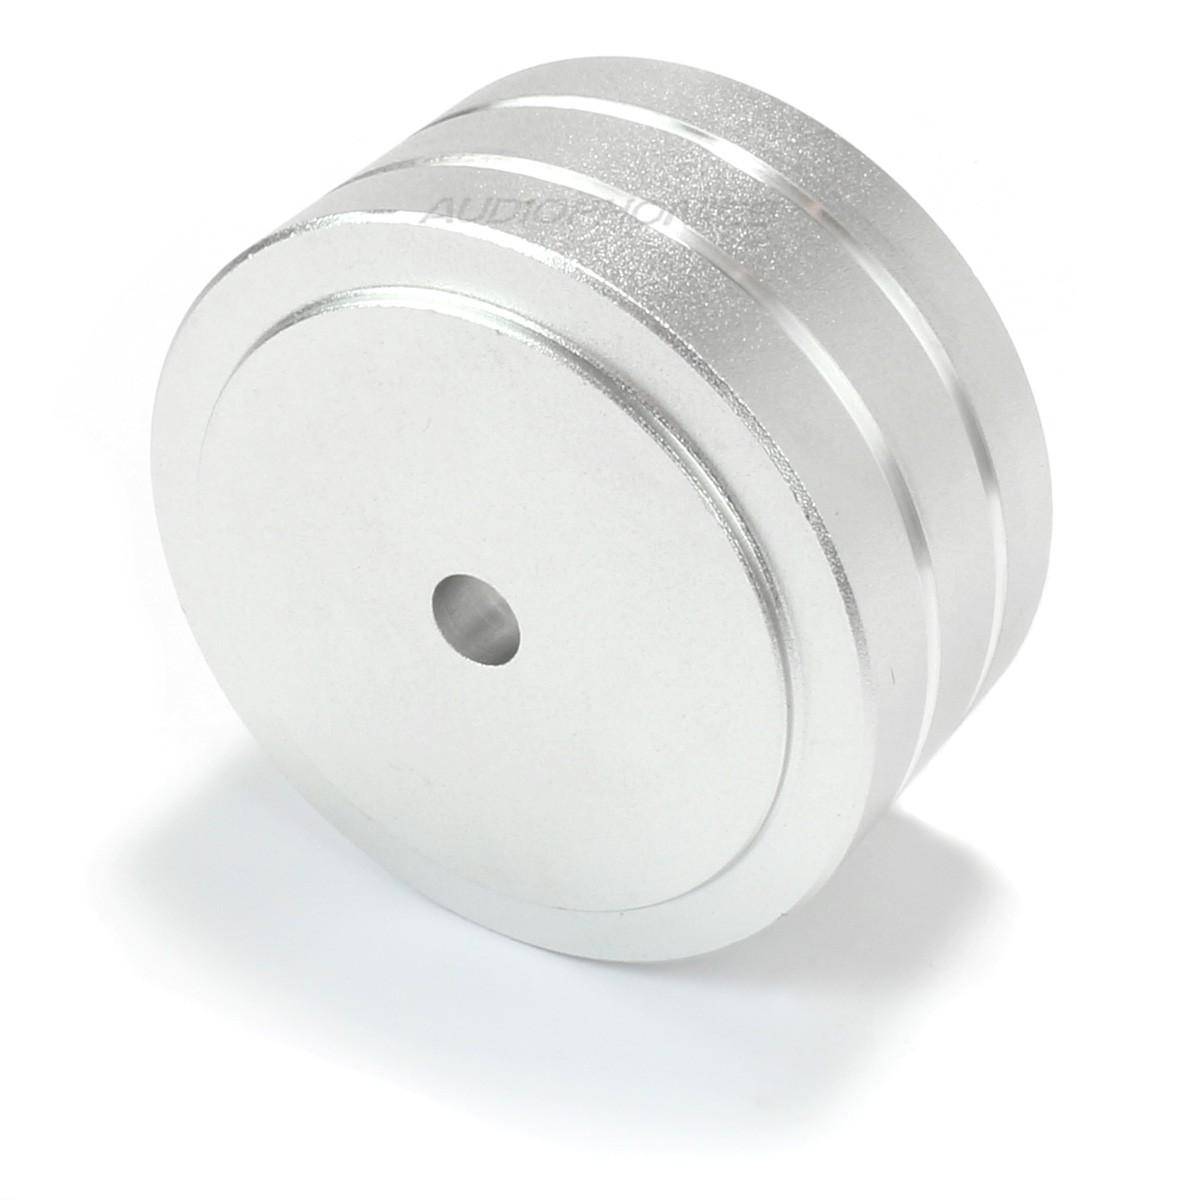 Pied Amortissant Aluminium 39.5 x 21.5mm M4 Silver (Unité)